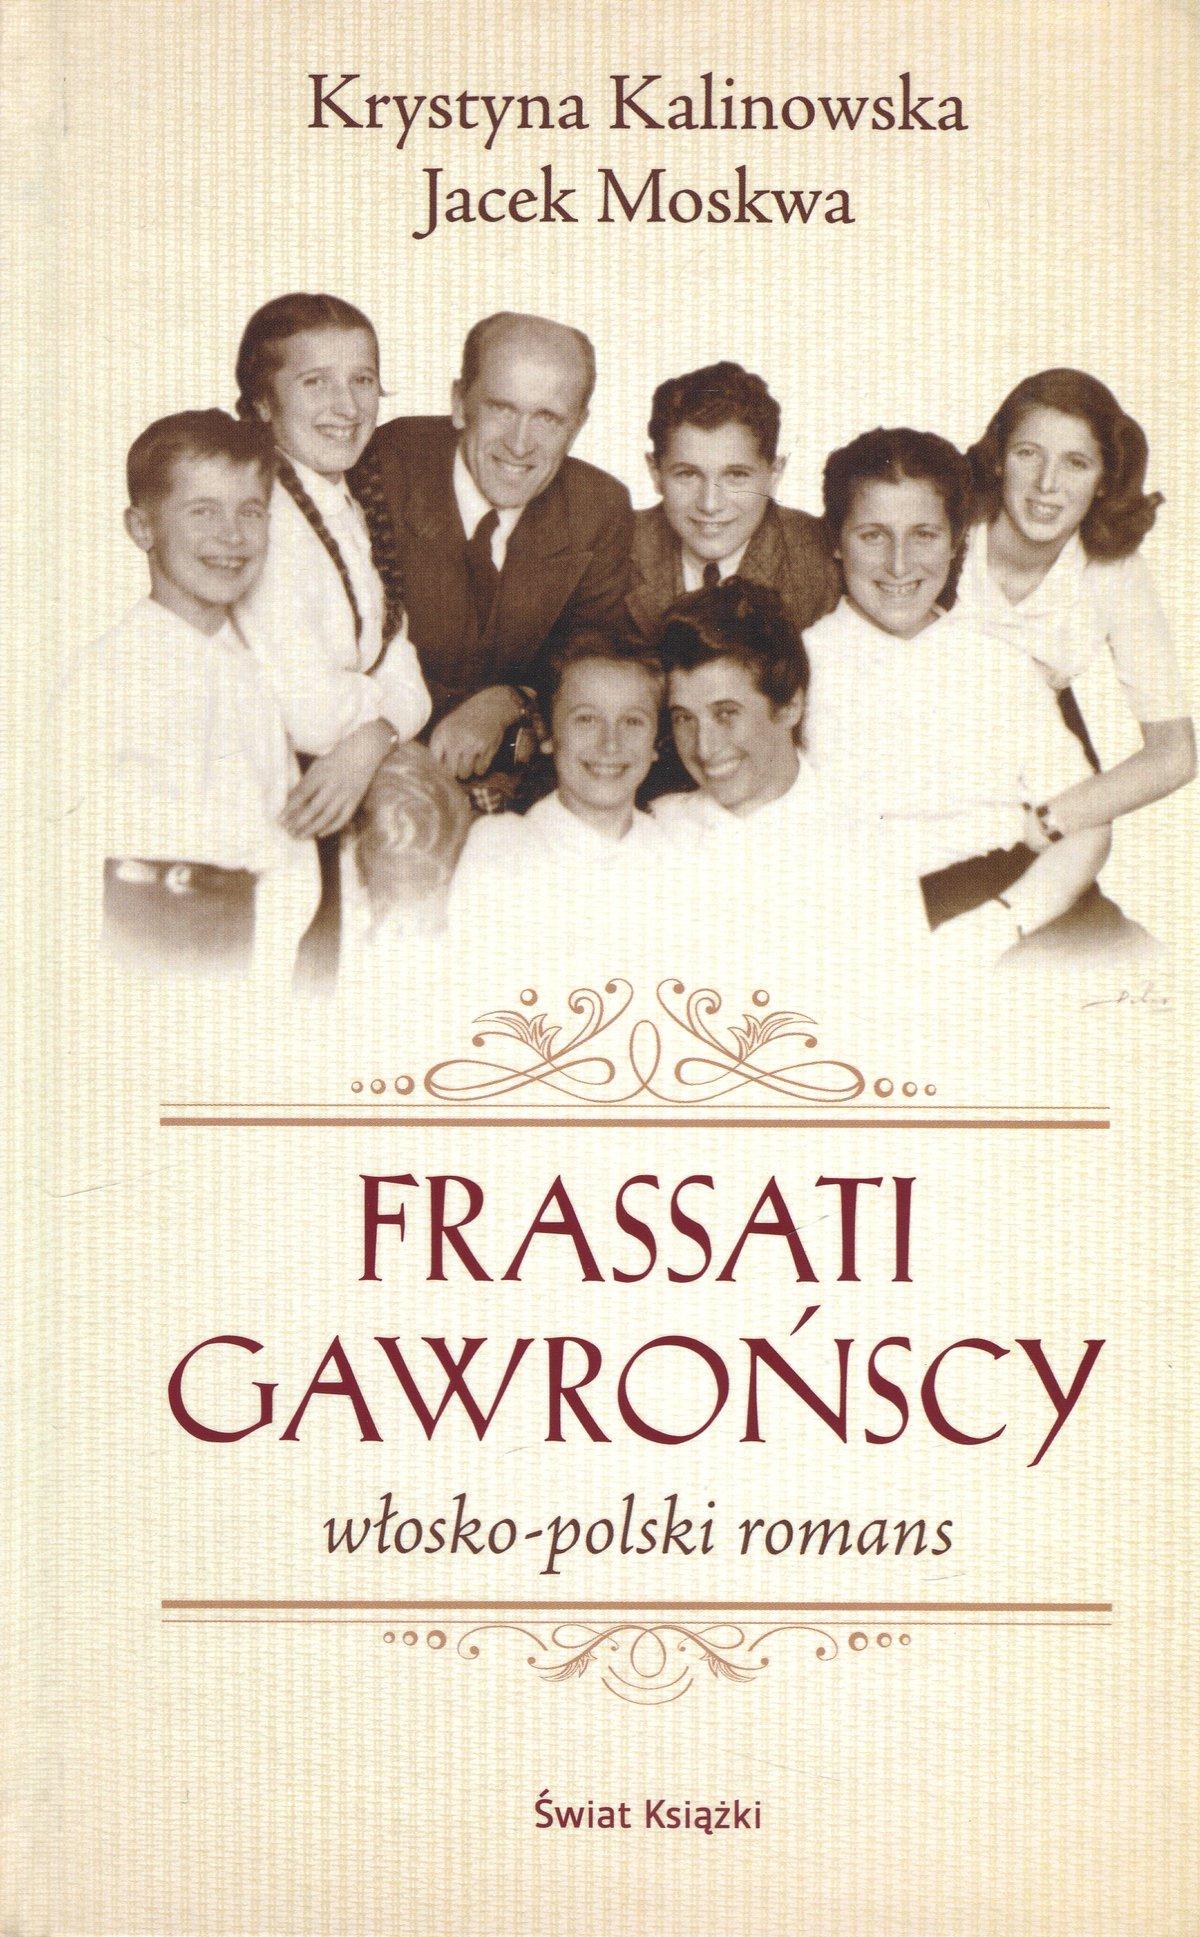 Frassati Gawrońscy. Włosko-polski romans - Ebook (Książka na Kindle) do pobrania w formacie MOBI